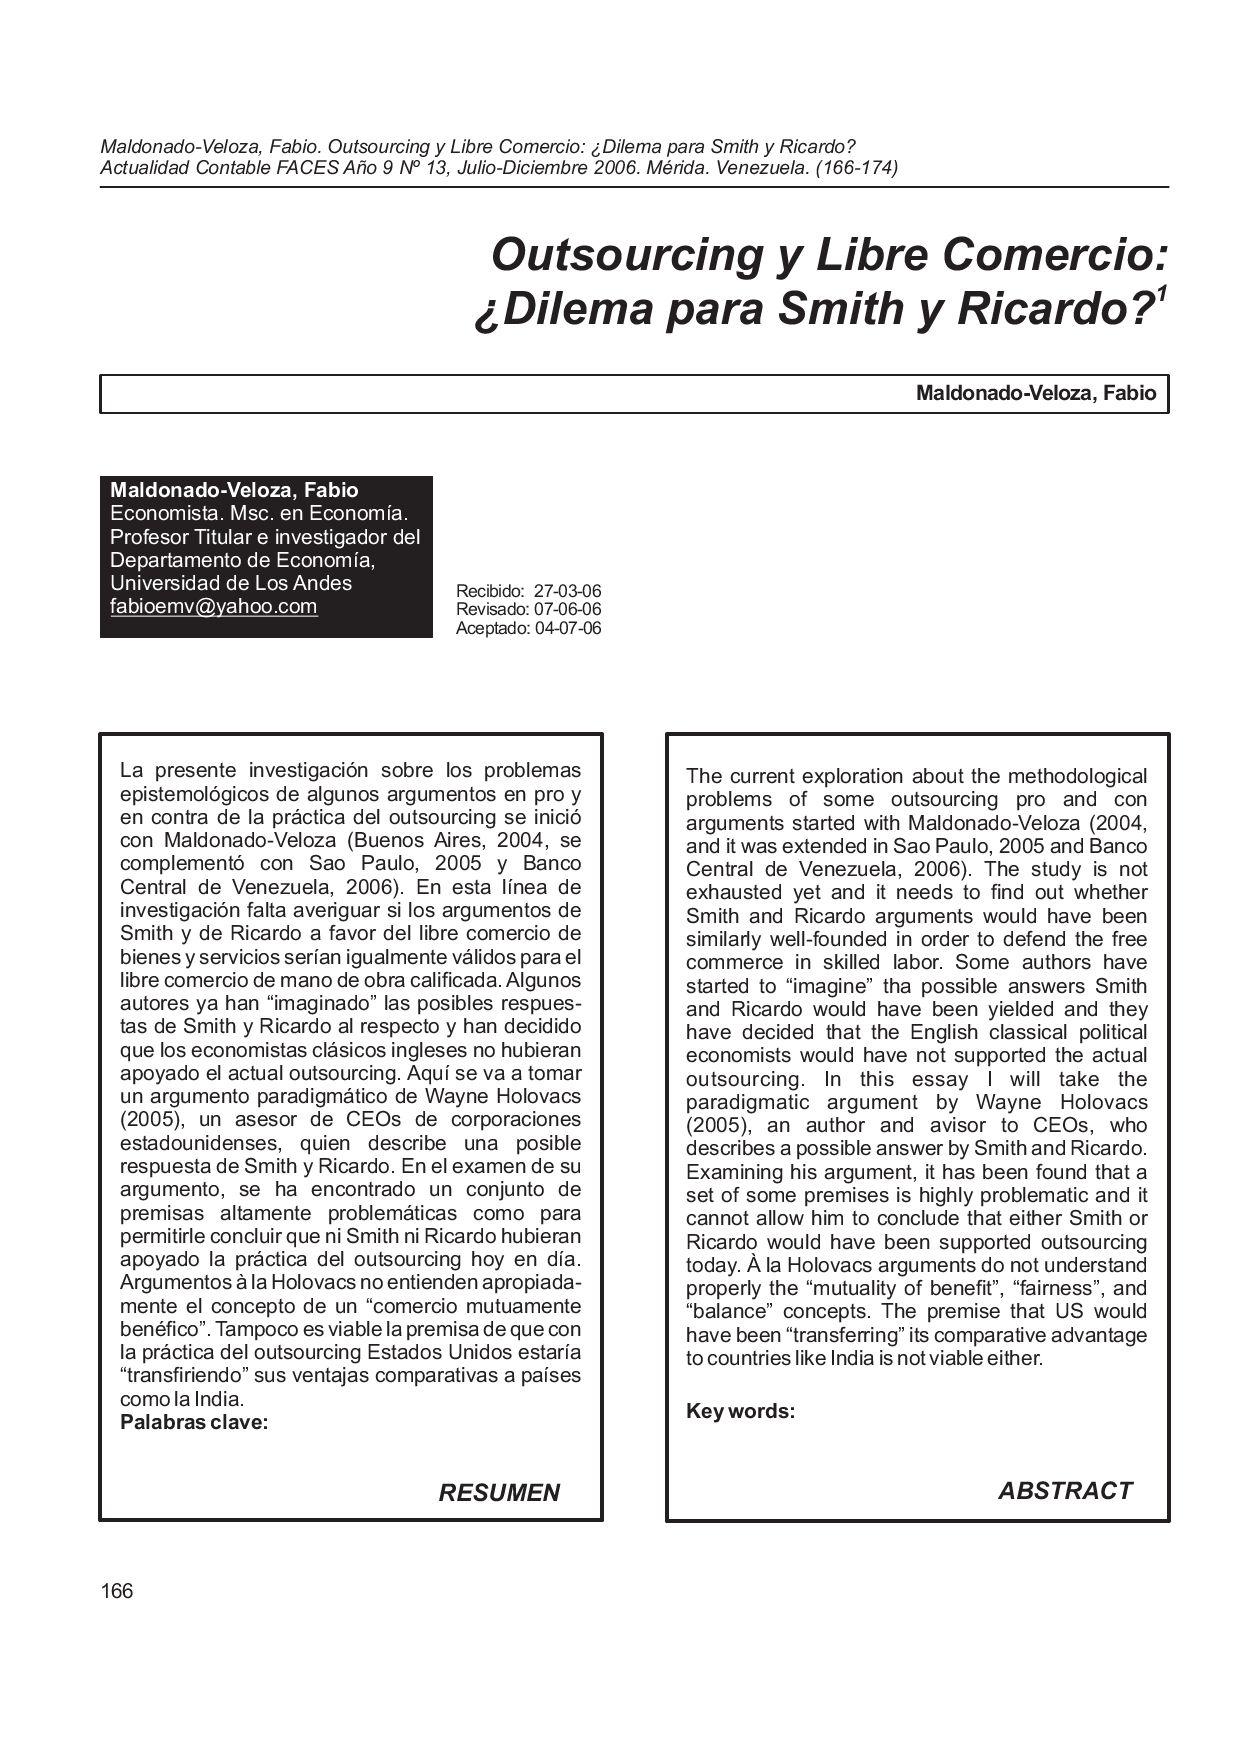 Outsourcing y Libre comercio articulo13 by Fabio Maldonado-Veloza ...